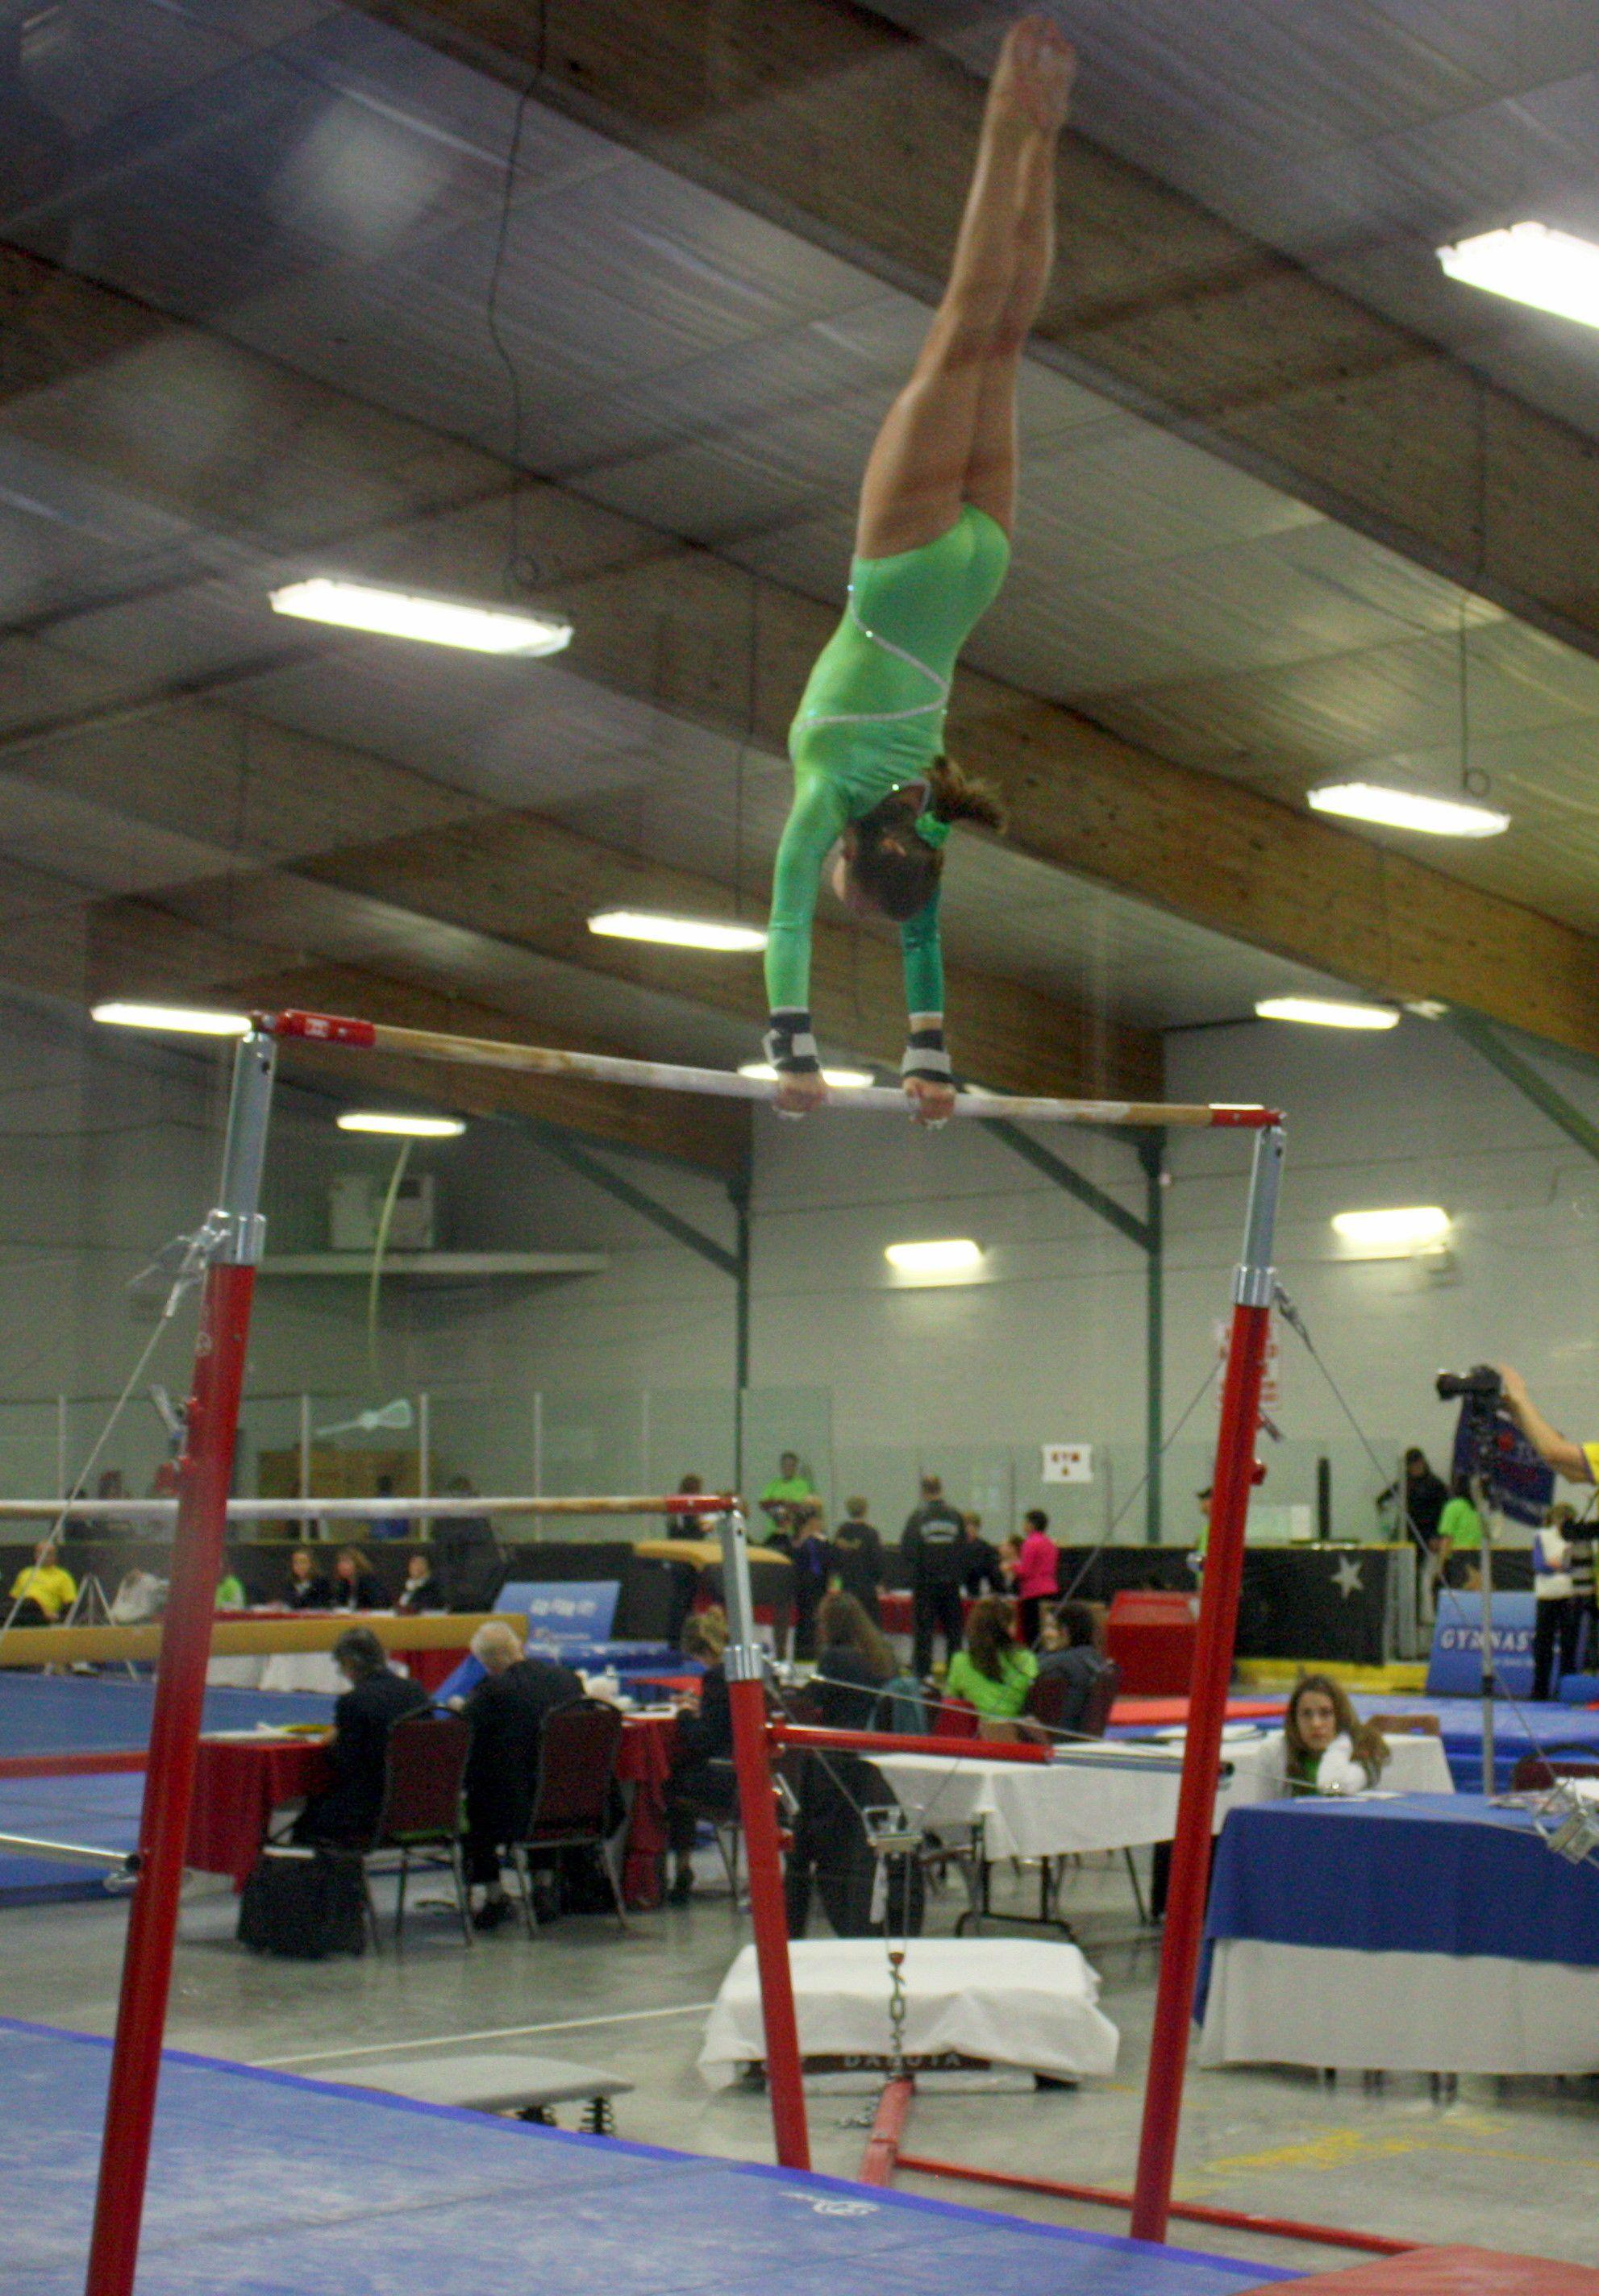 Giant on Bars Gymnastics, Basketball court, Gym